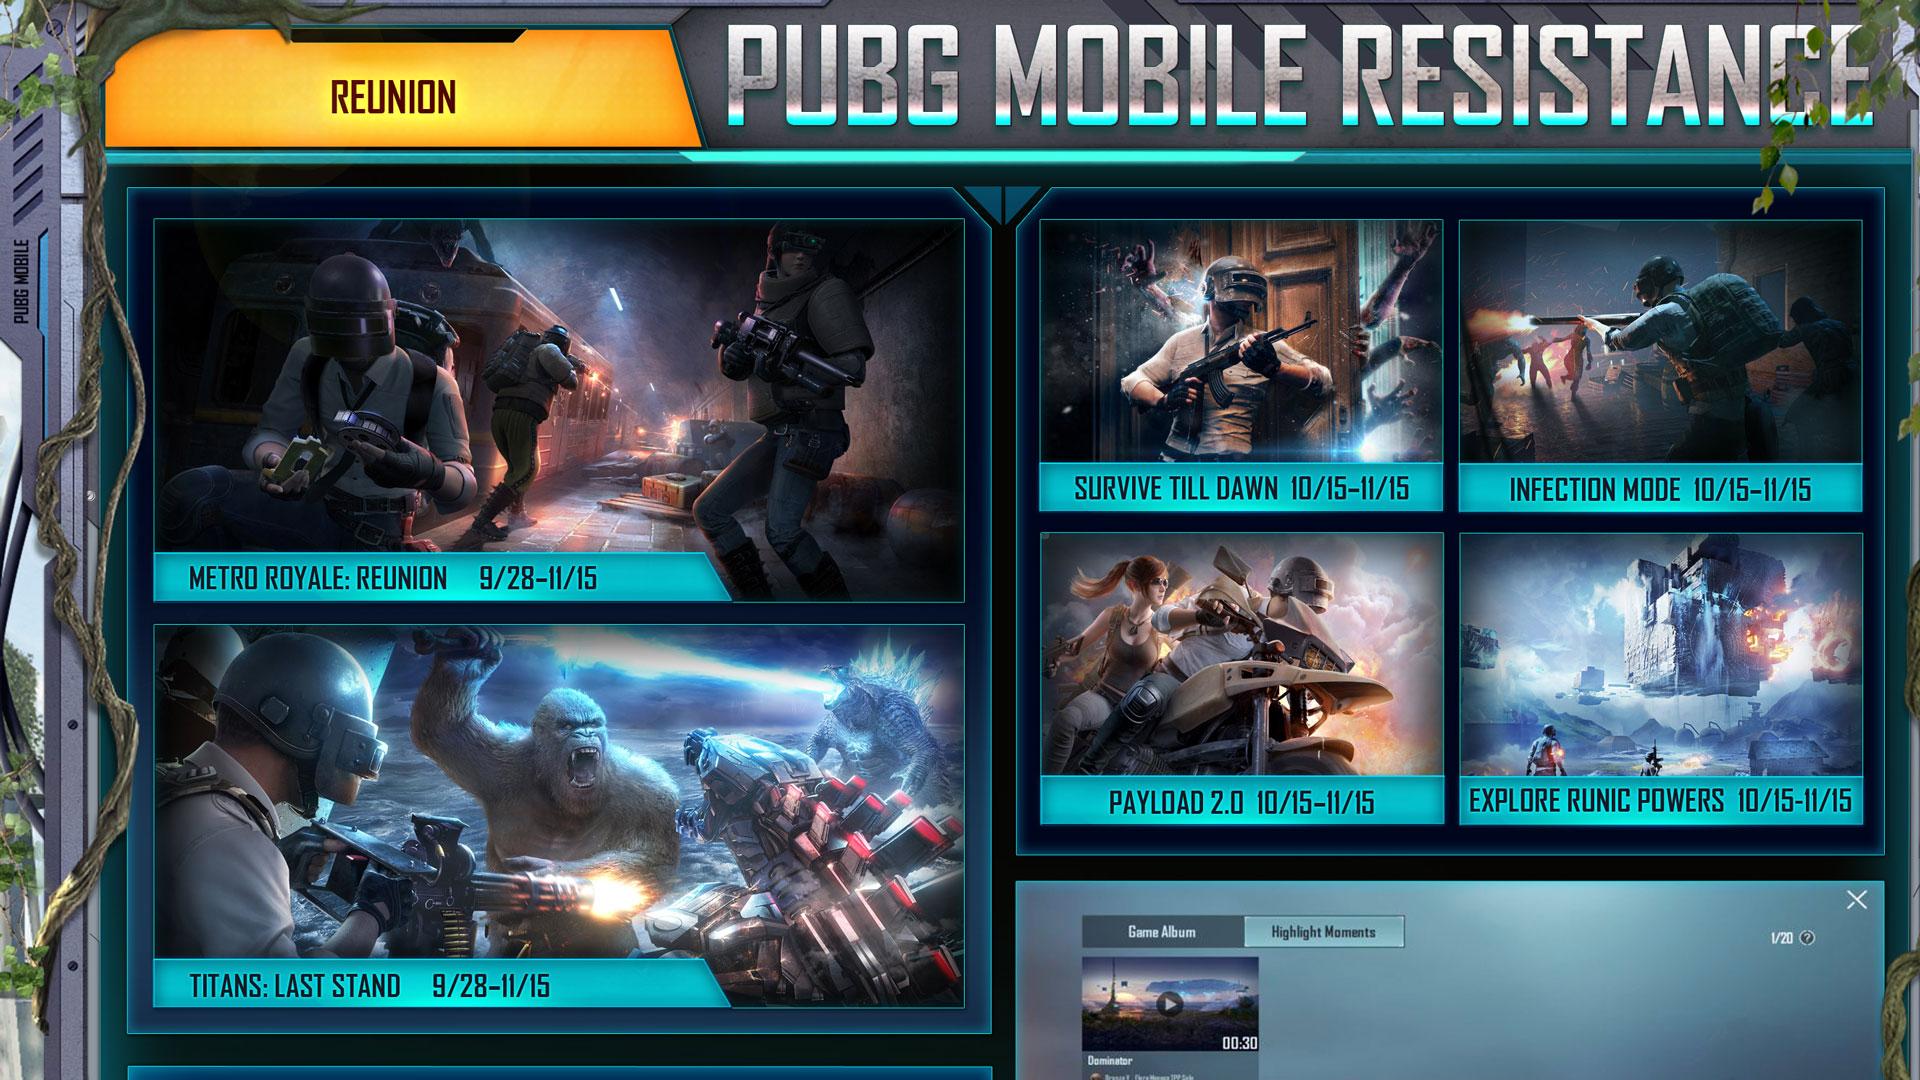 Tanggal kembali mode PUBG Mobile 1.6.